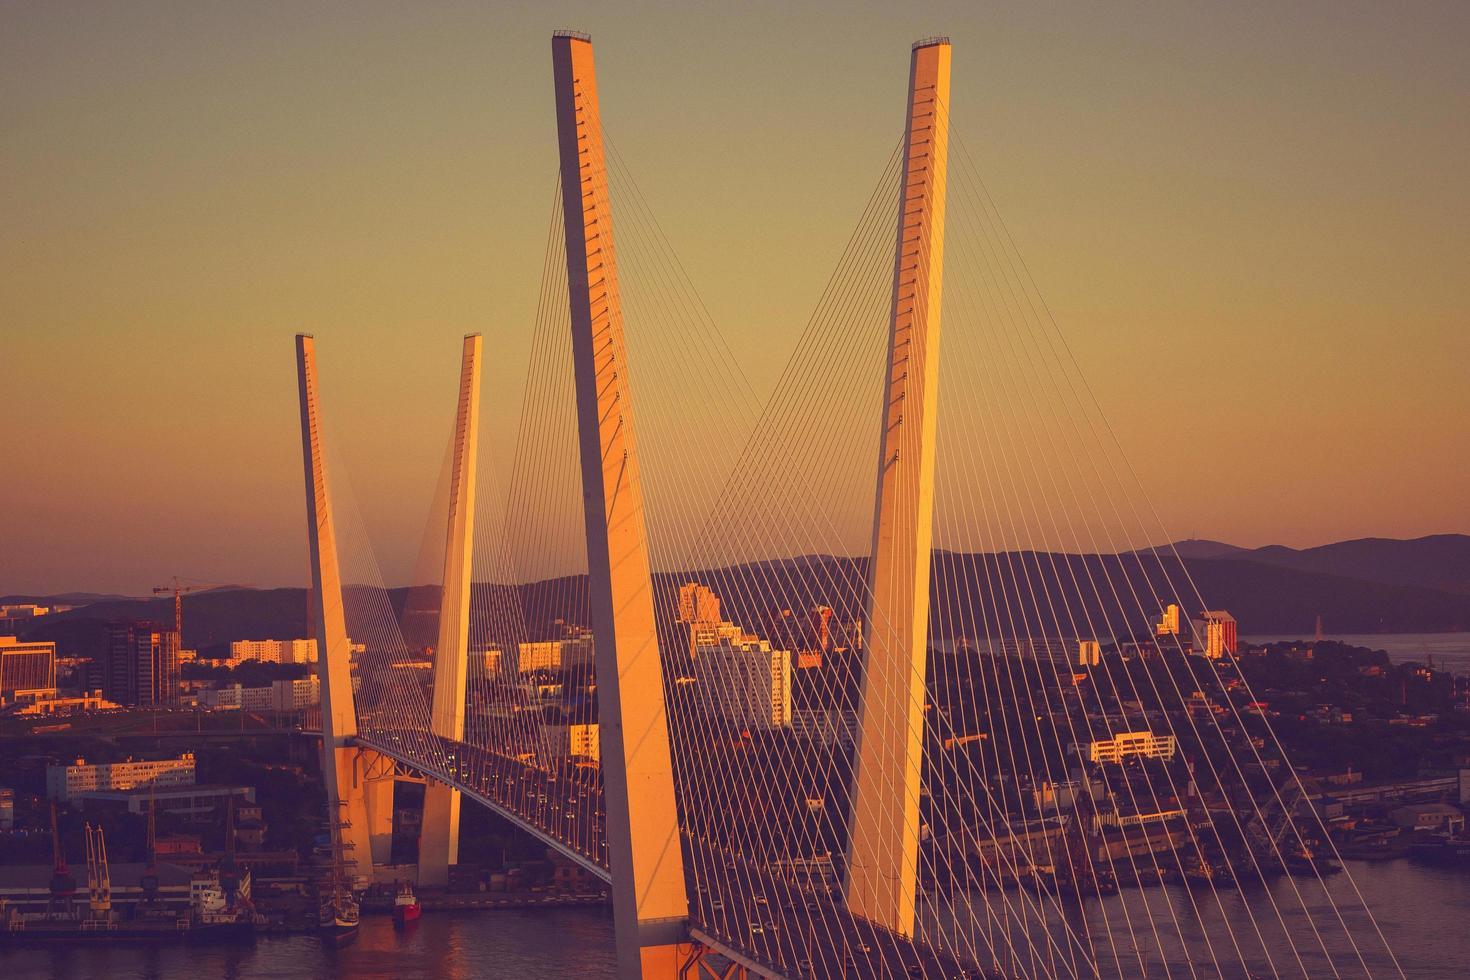 Vue de nuit sur le pont de la corne d'or.vladivostok, Russie photo